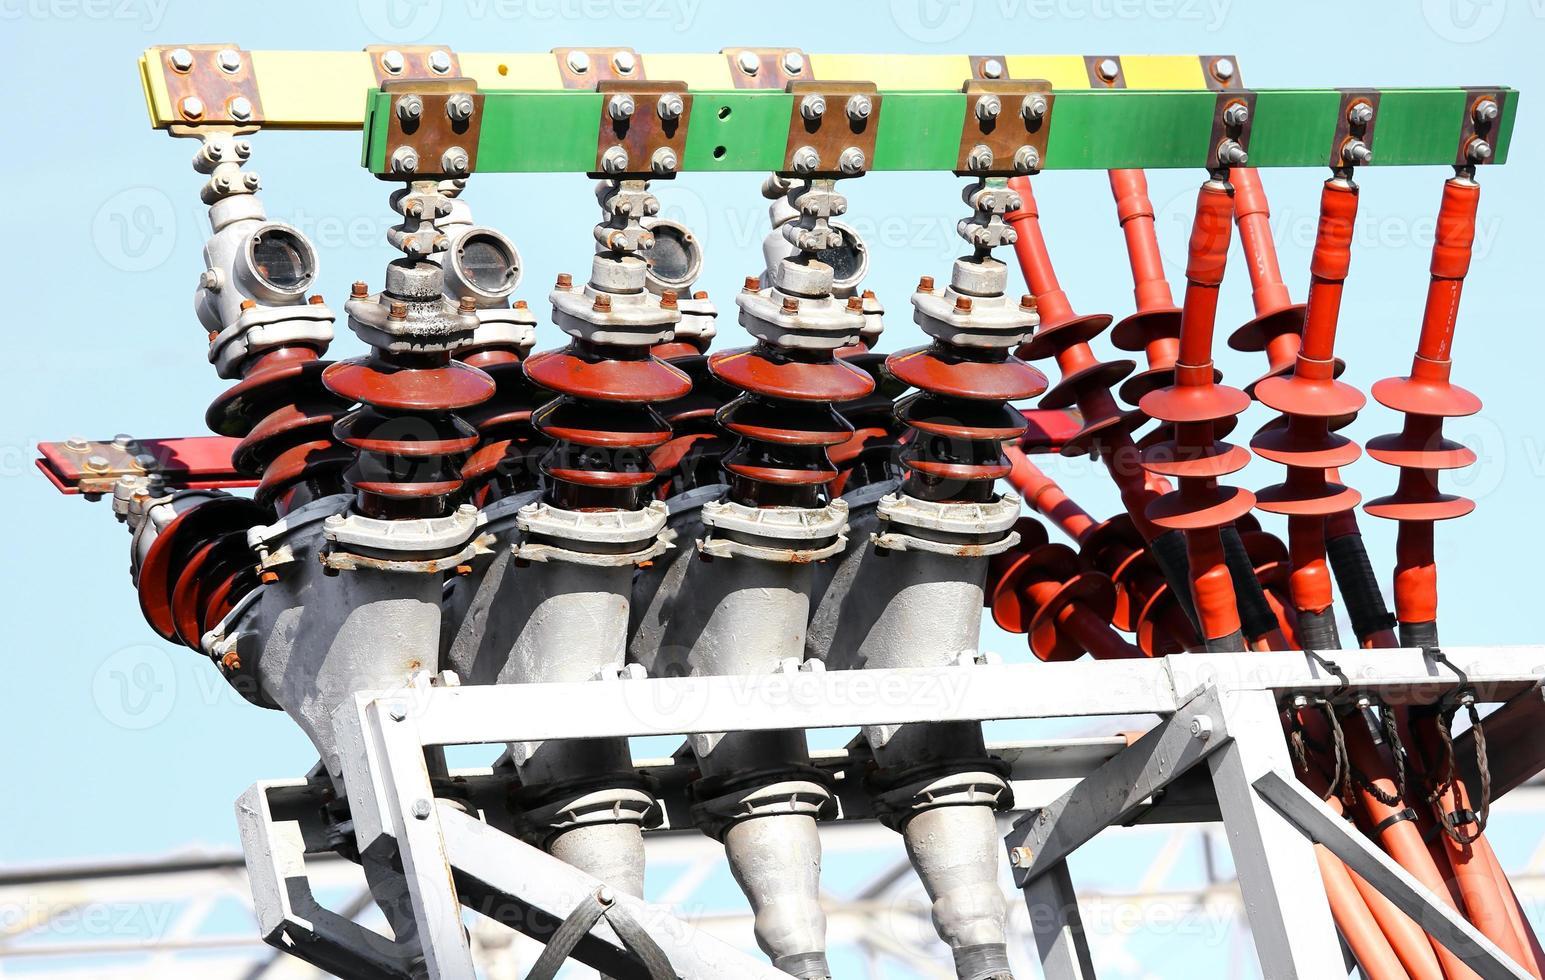 bornes électriques en cuivre d'une centrale électrique photo